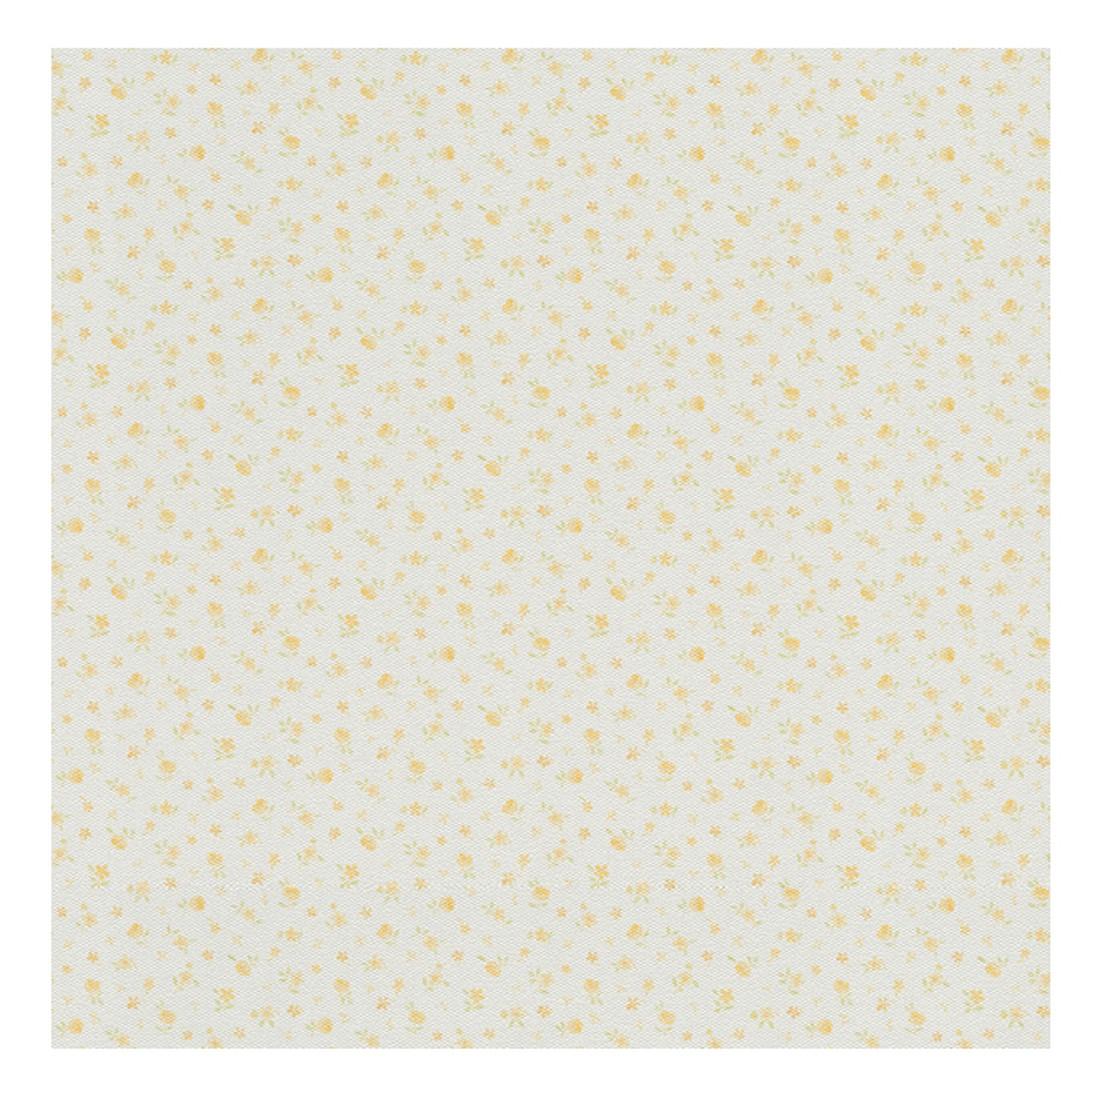 Tapete Fleuri Pastel – weiß, safrangelb, hellgrün – fein strukturiert, Home24Deko online kaufen